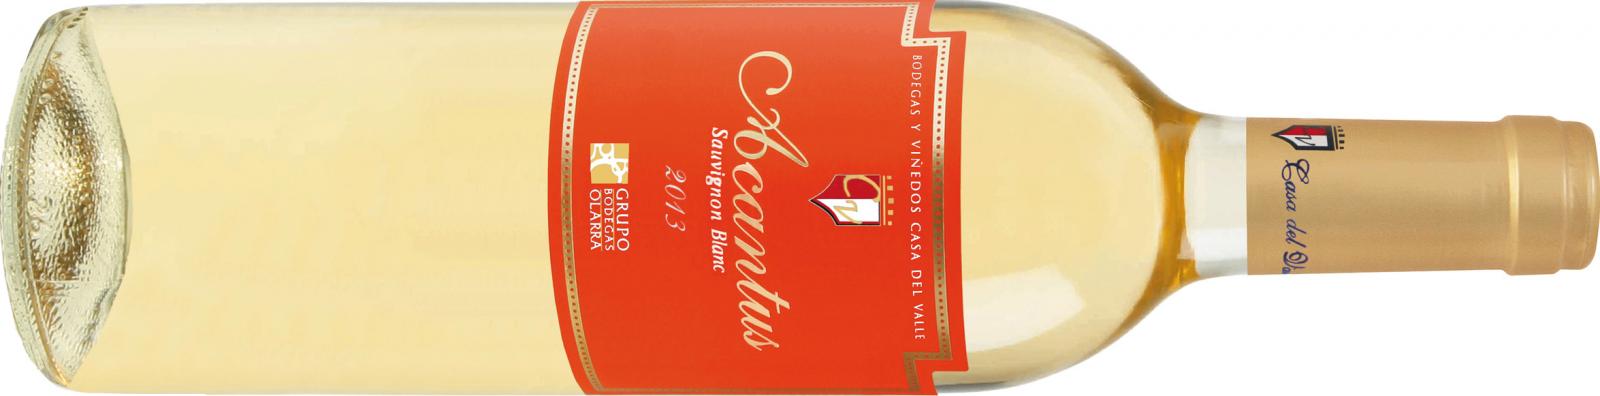 Acantus Sauvignon Blanc 2013